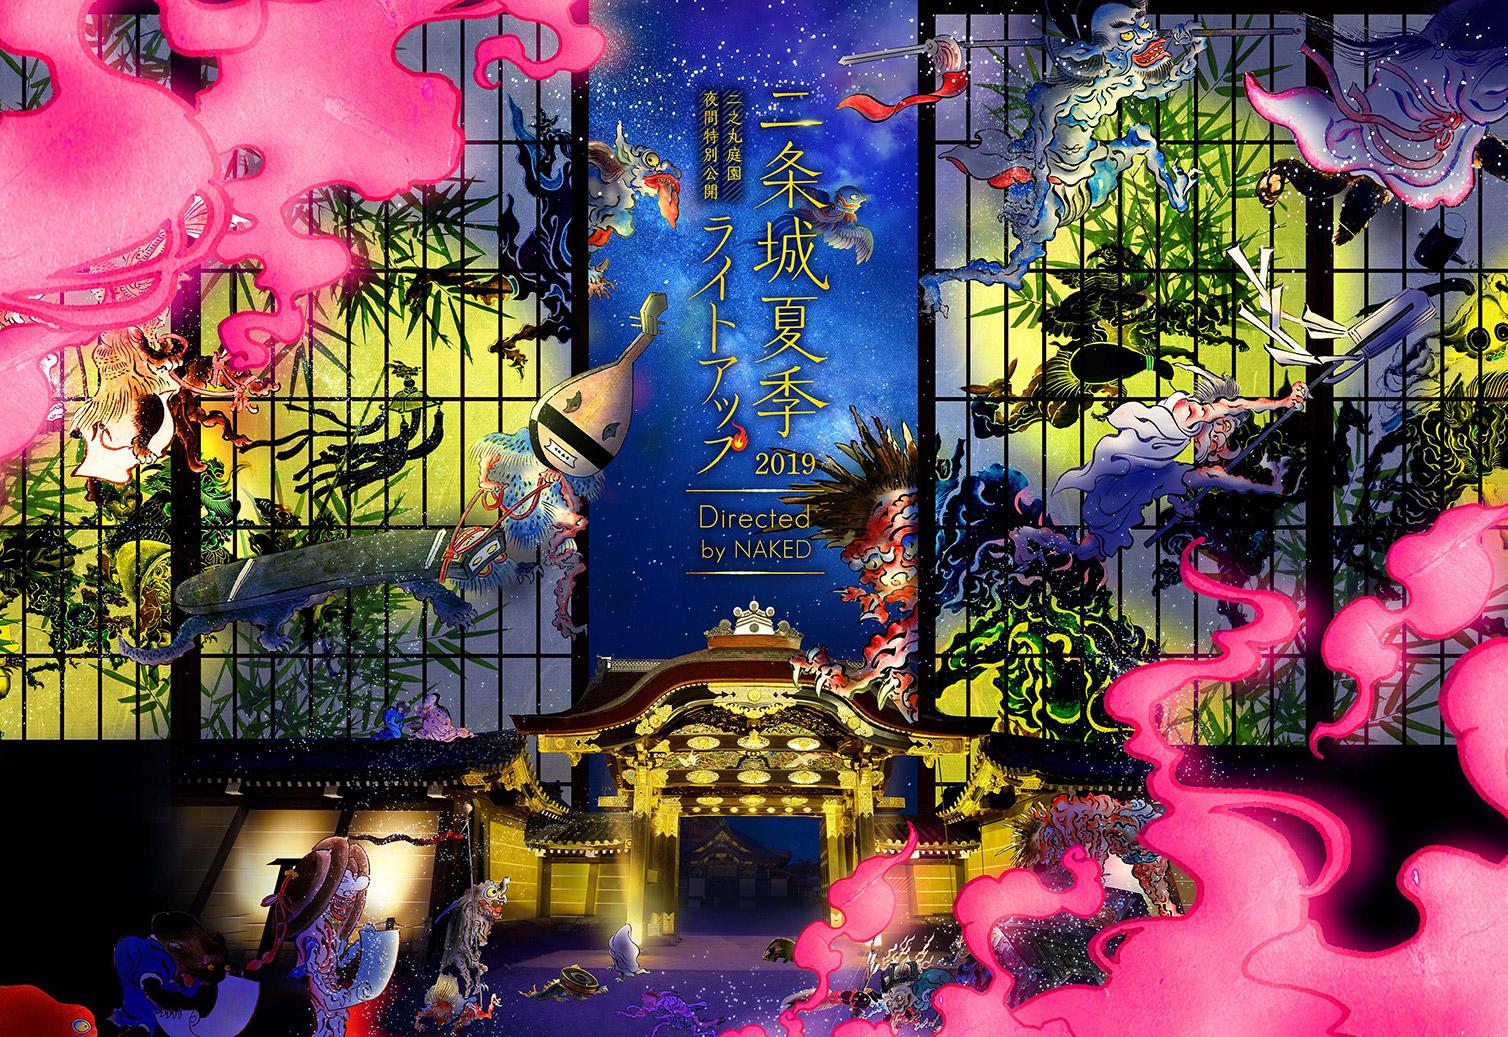 二之丸庭園夜間特別公開 『二条城夏季ライトアップ2019 -Directed by NAKED-』